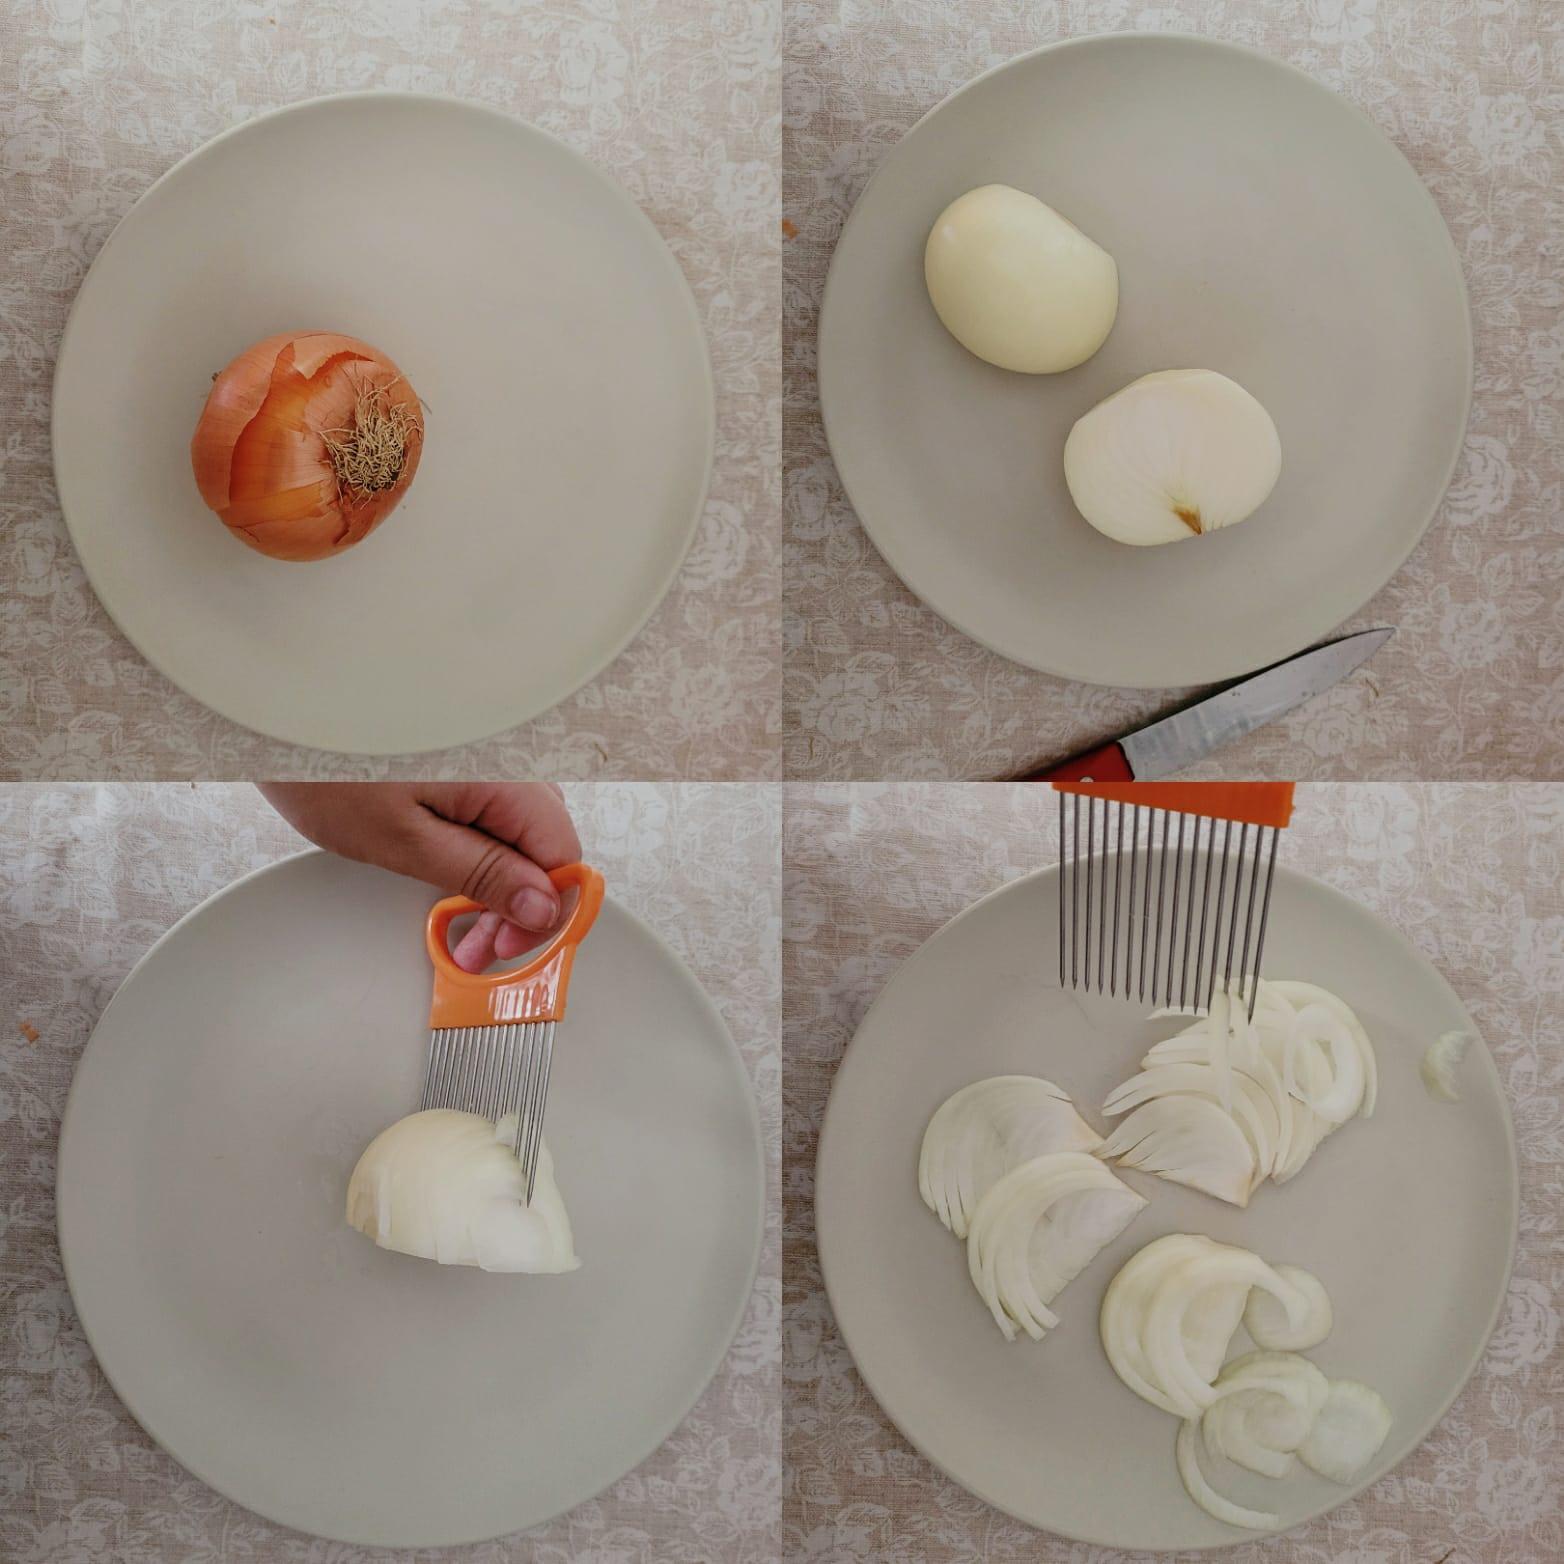 quesadillas cebolla